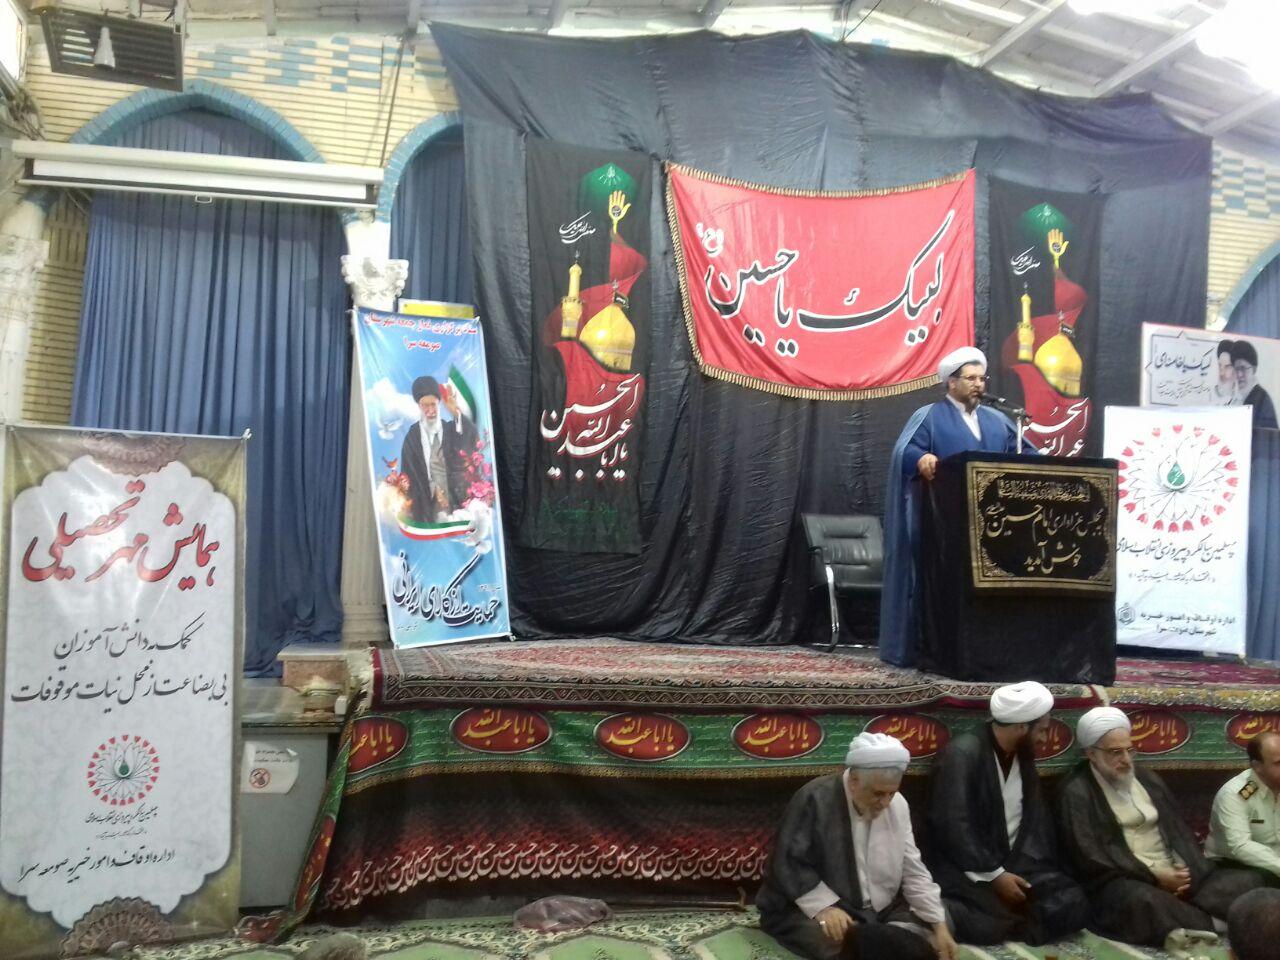 همایش مهر تحصیلی با اهدی ۲۵۷ بسته لوازم التحریر به دانش آموزان بی بضاعت در صومعه سرا اجراء شد